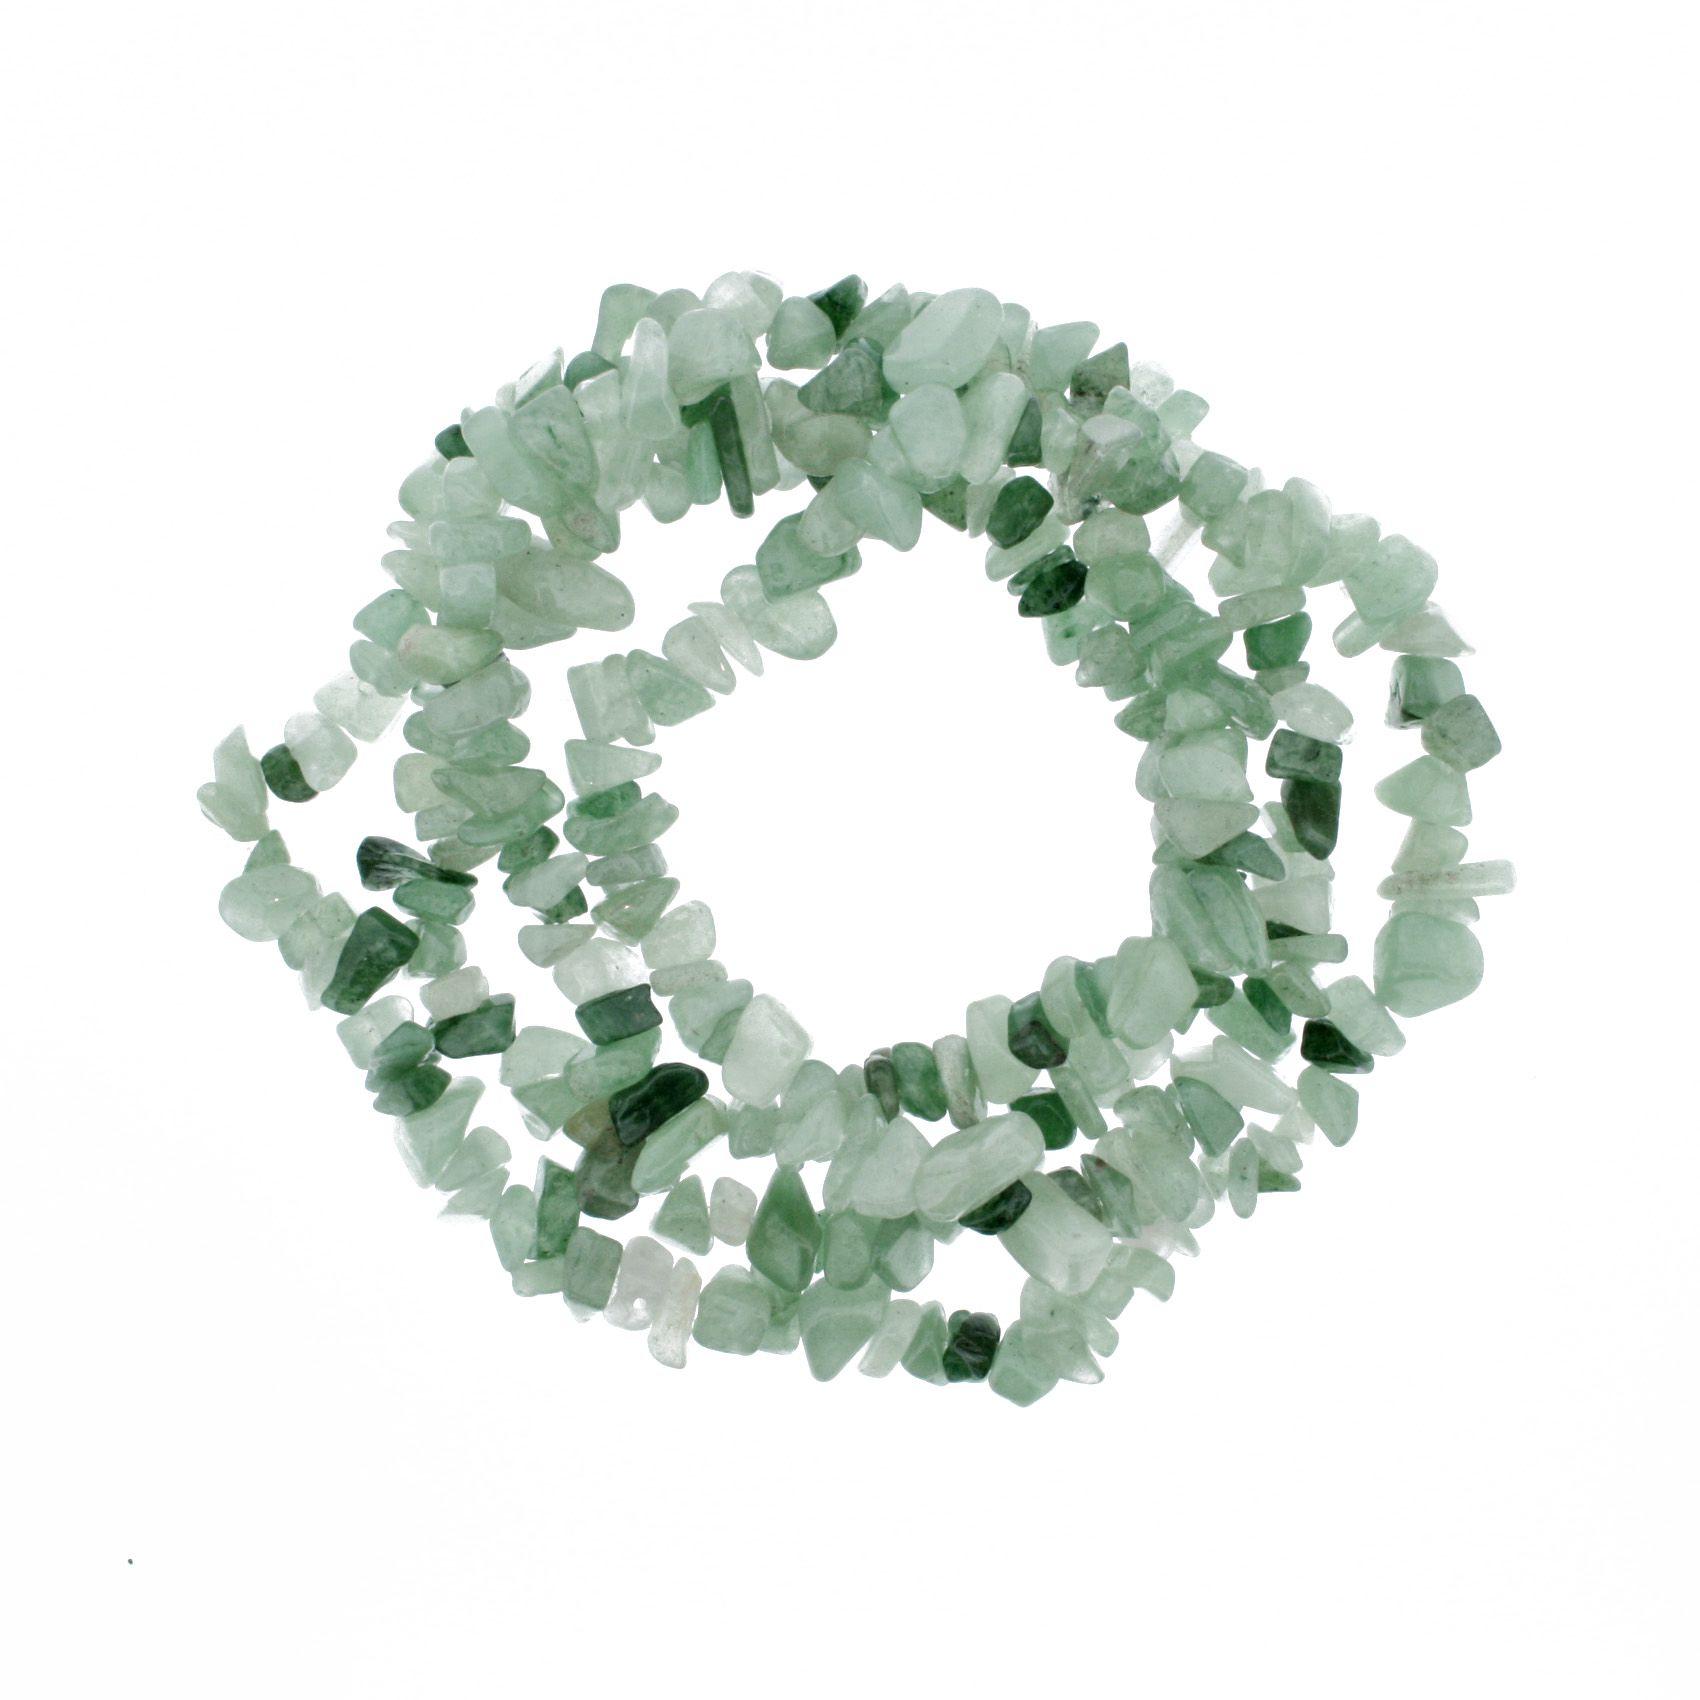 Fio de Cascalho - Stone® - Ágata Verde  - Stéphanie Bijoux® - Peças para Bijuterias e Artesanato